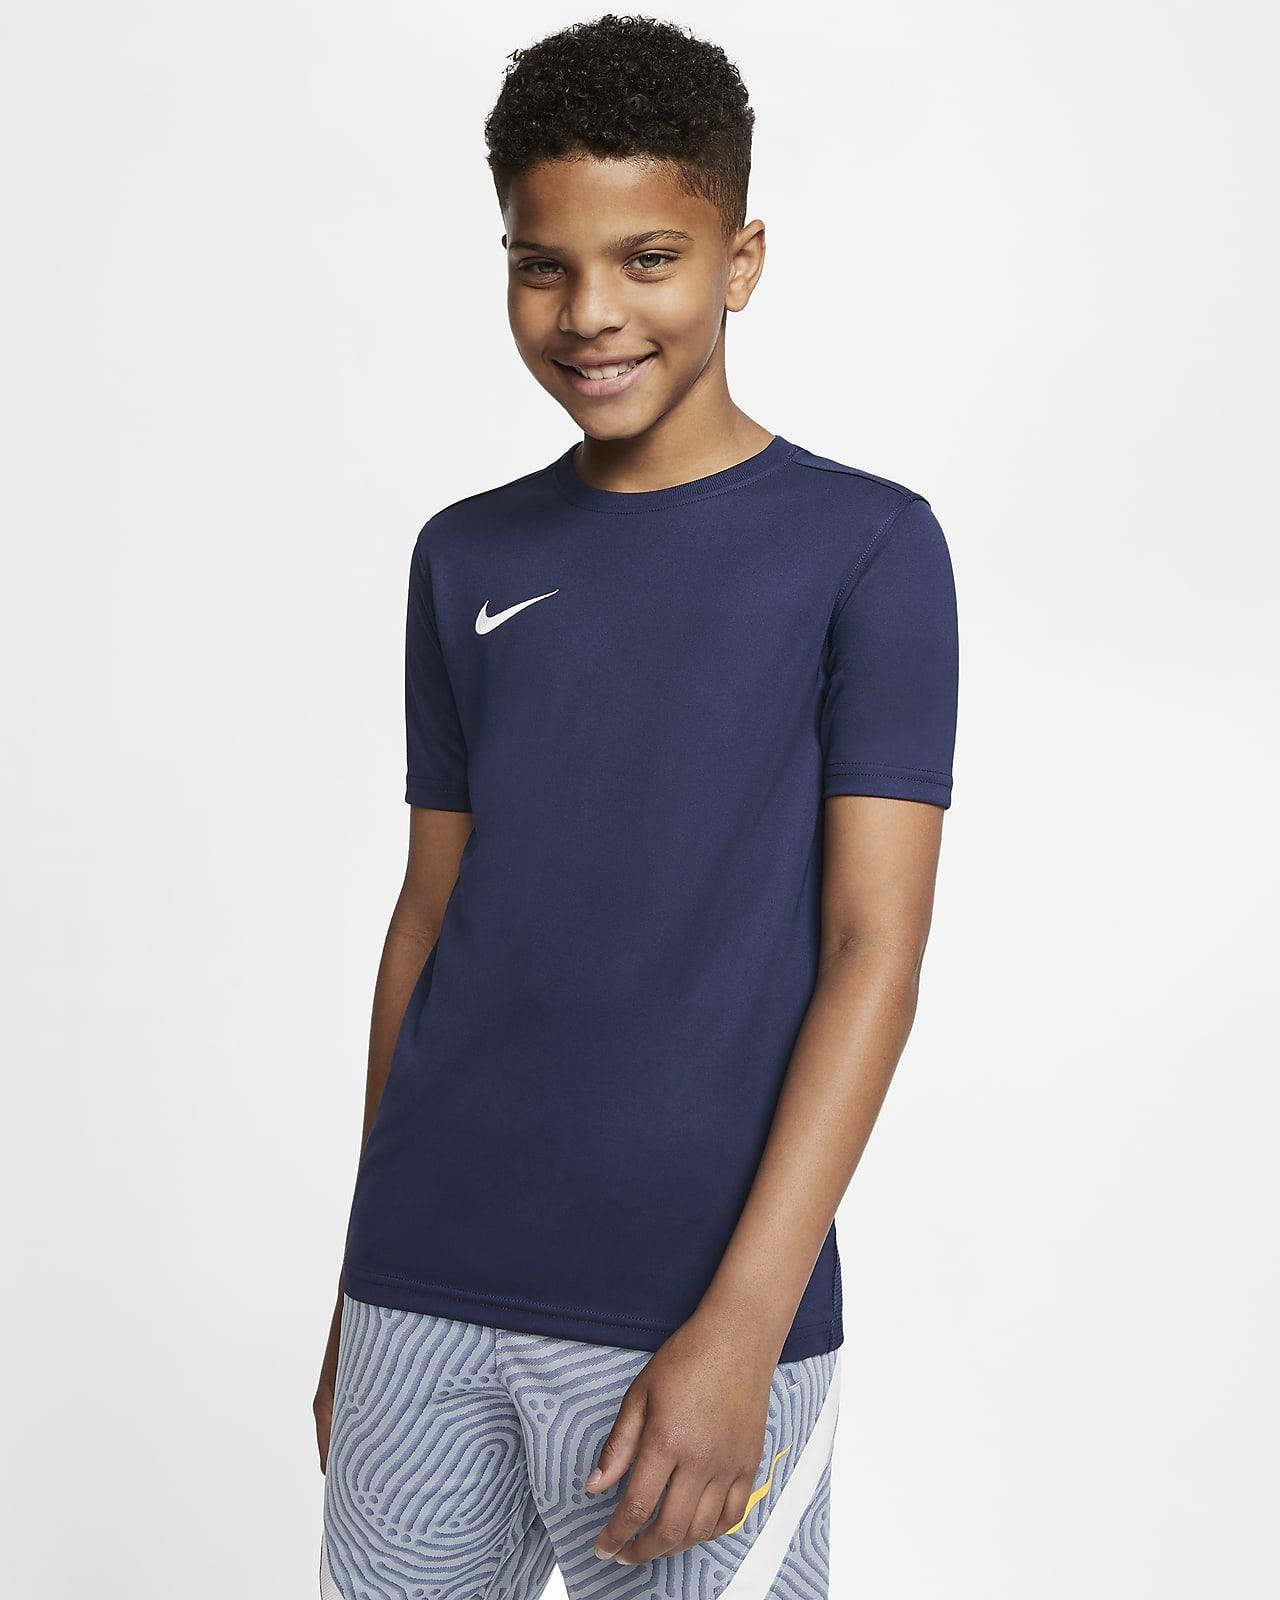 Nike Dri-FIT Park 7 Big Kids' Soccer Jersey